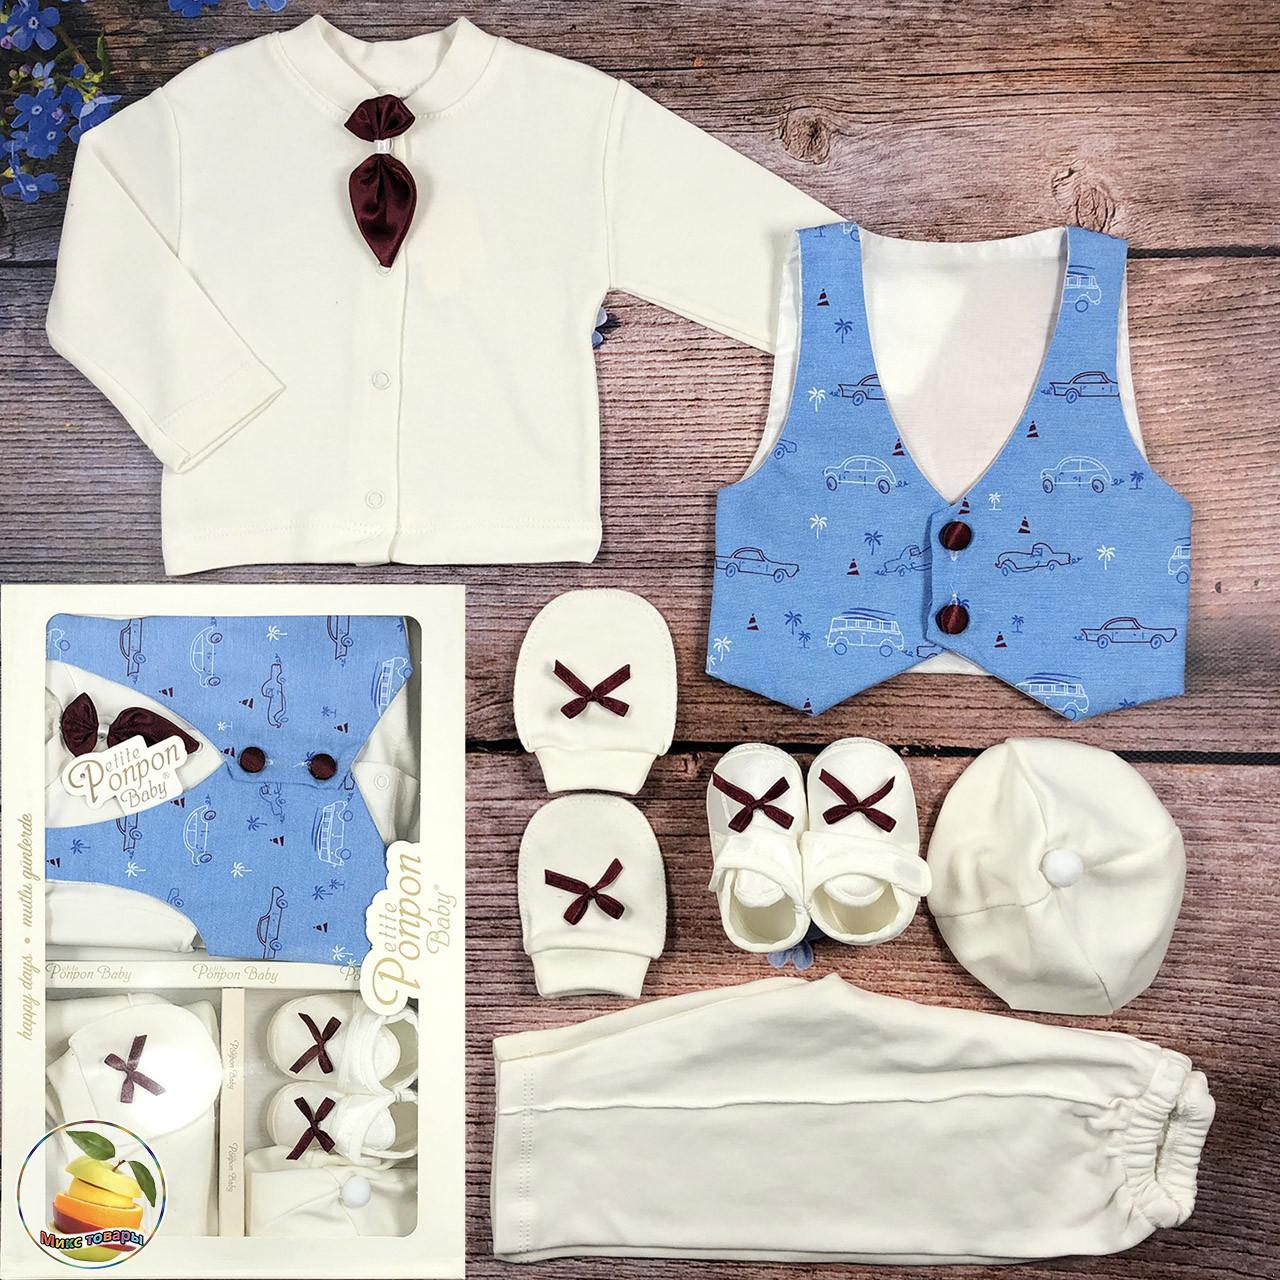 Крестильный костюм с Х/Б жилеткой для мальчика Размер: 0-3 месяца (9309-2)